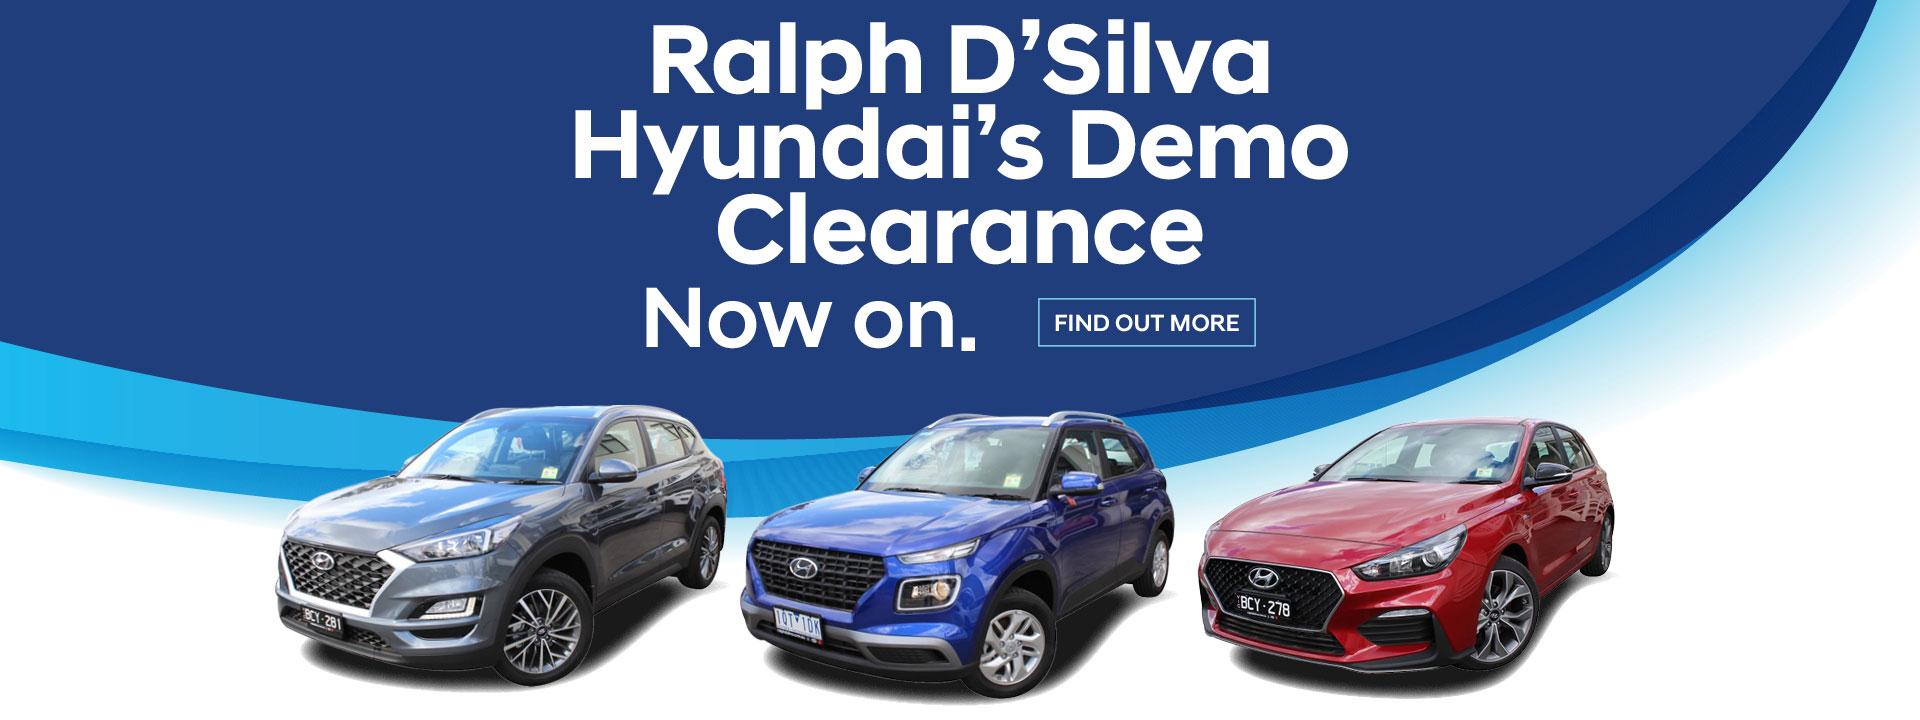 DSilva-Hyundai-Demo-Clearance